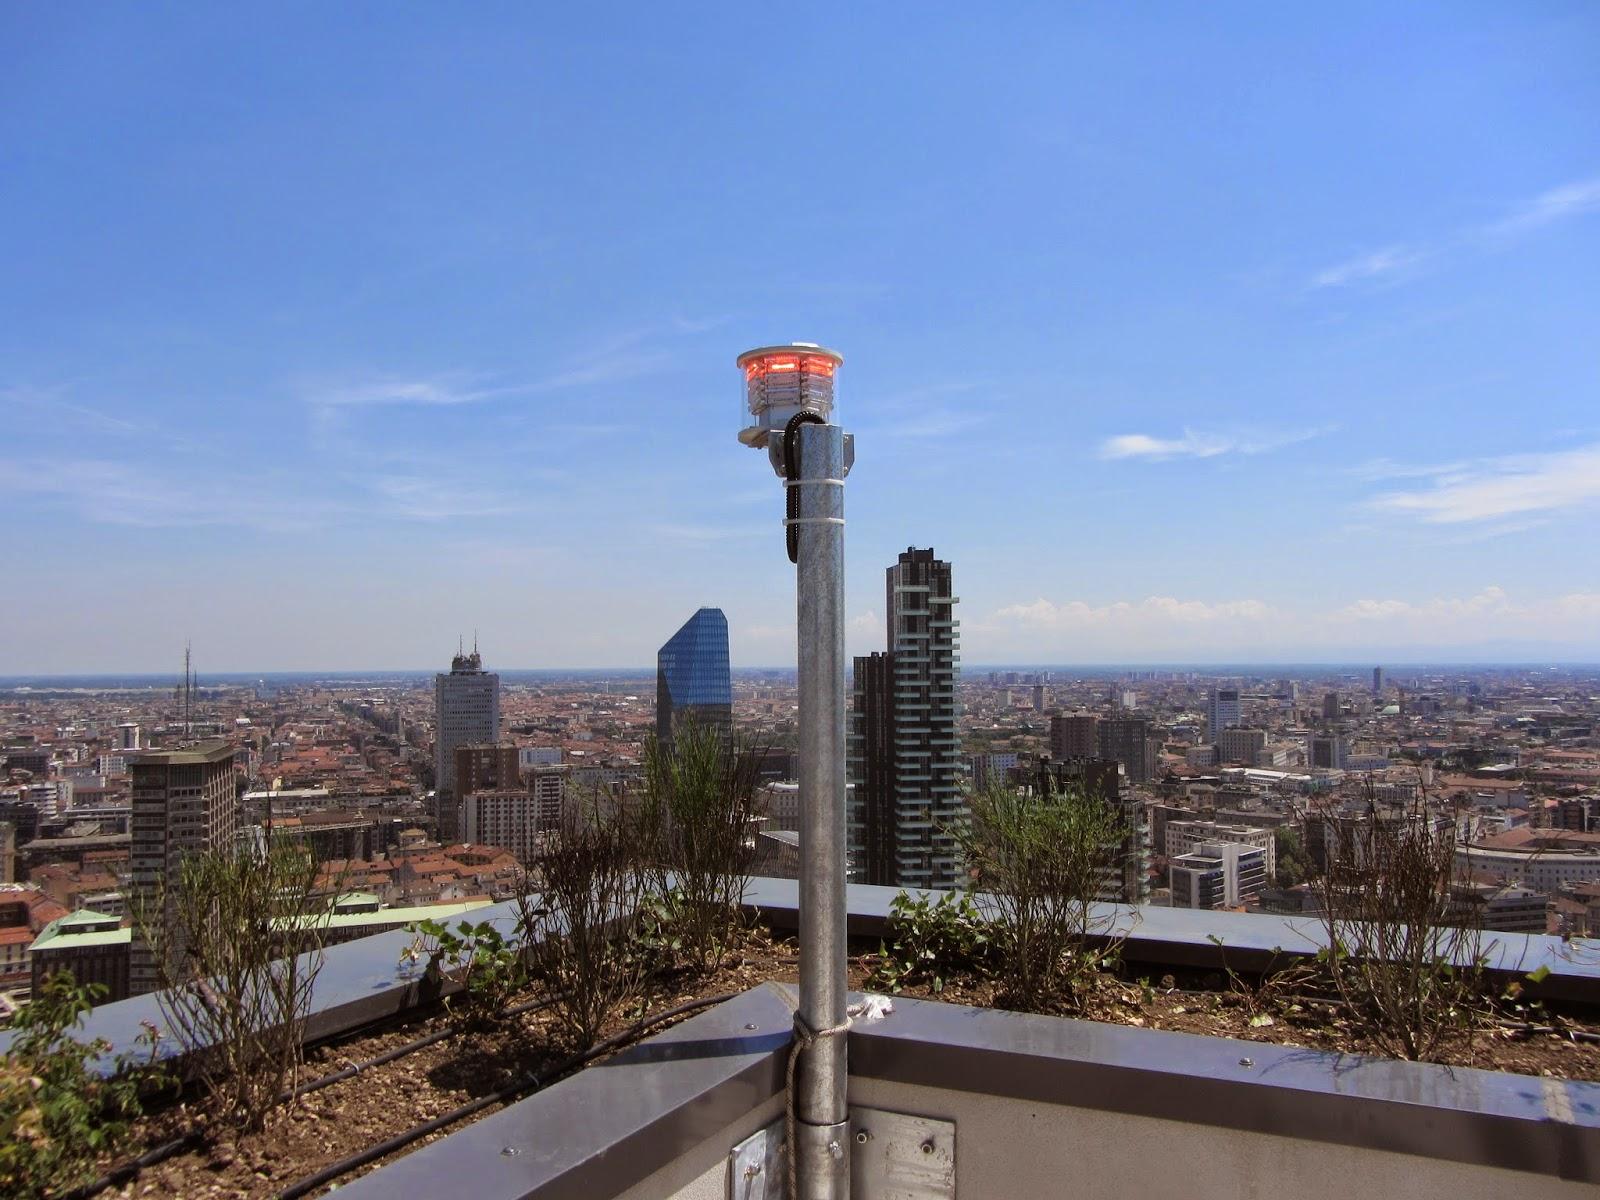 Yüksek yapılarda uçak ikaz lambası kullanımı